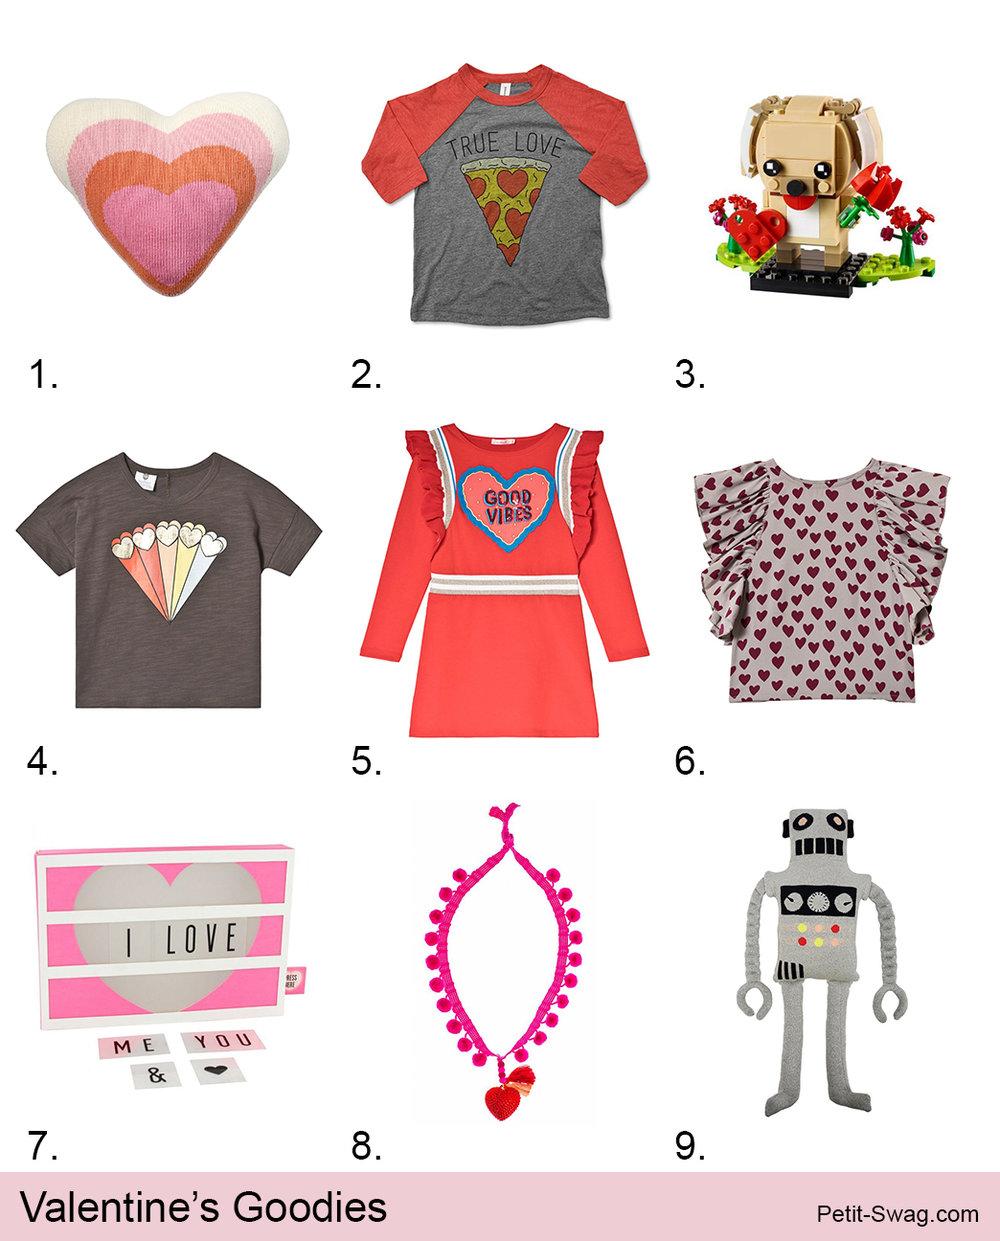 Valentine's Goodies | Petit-swag.com